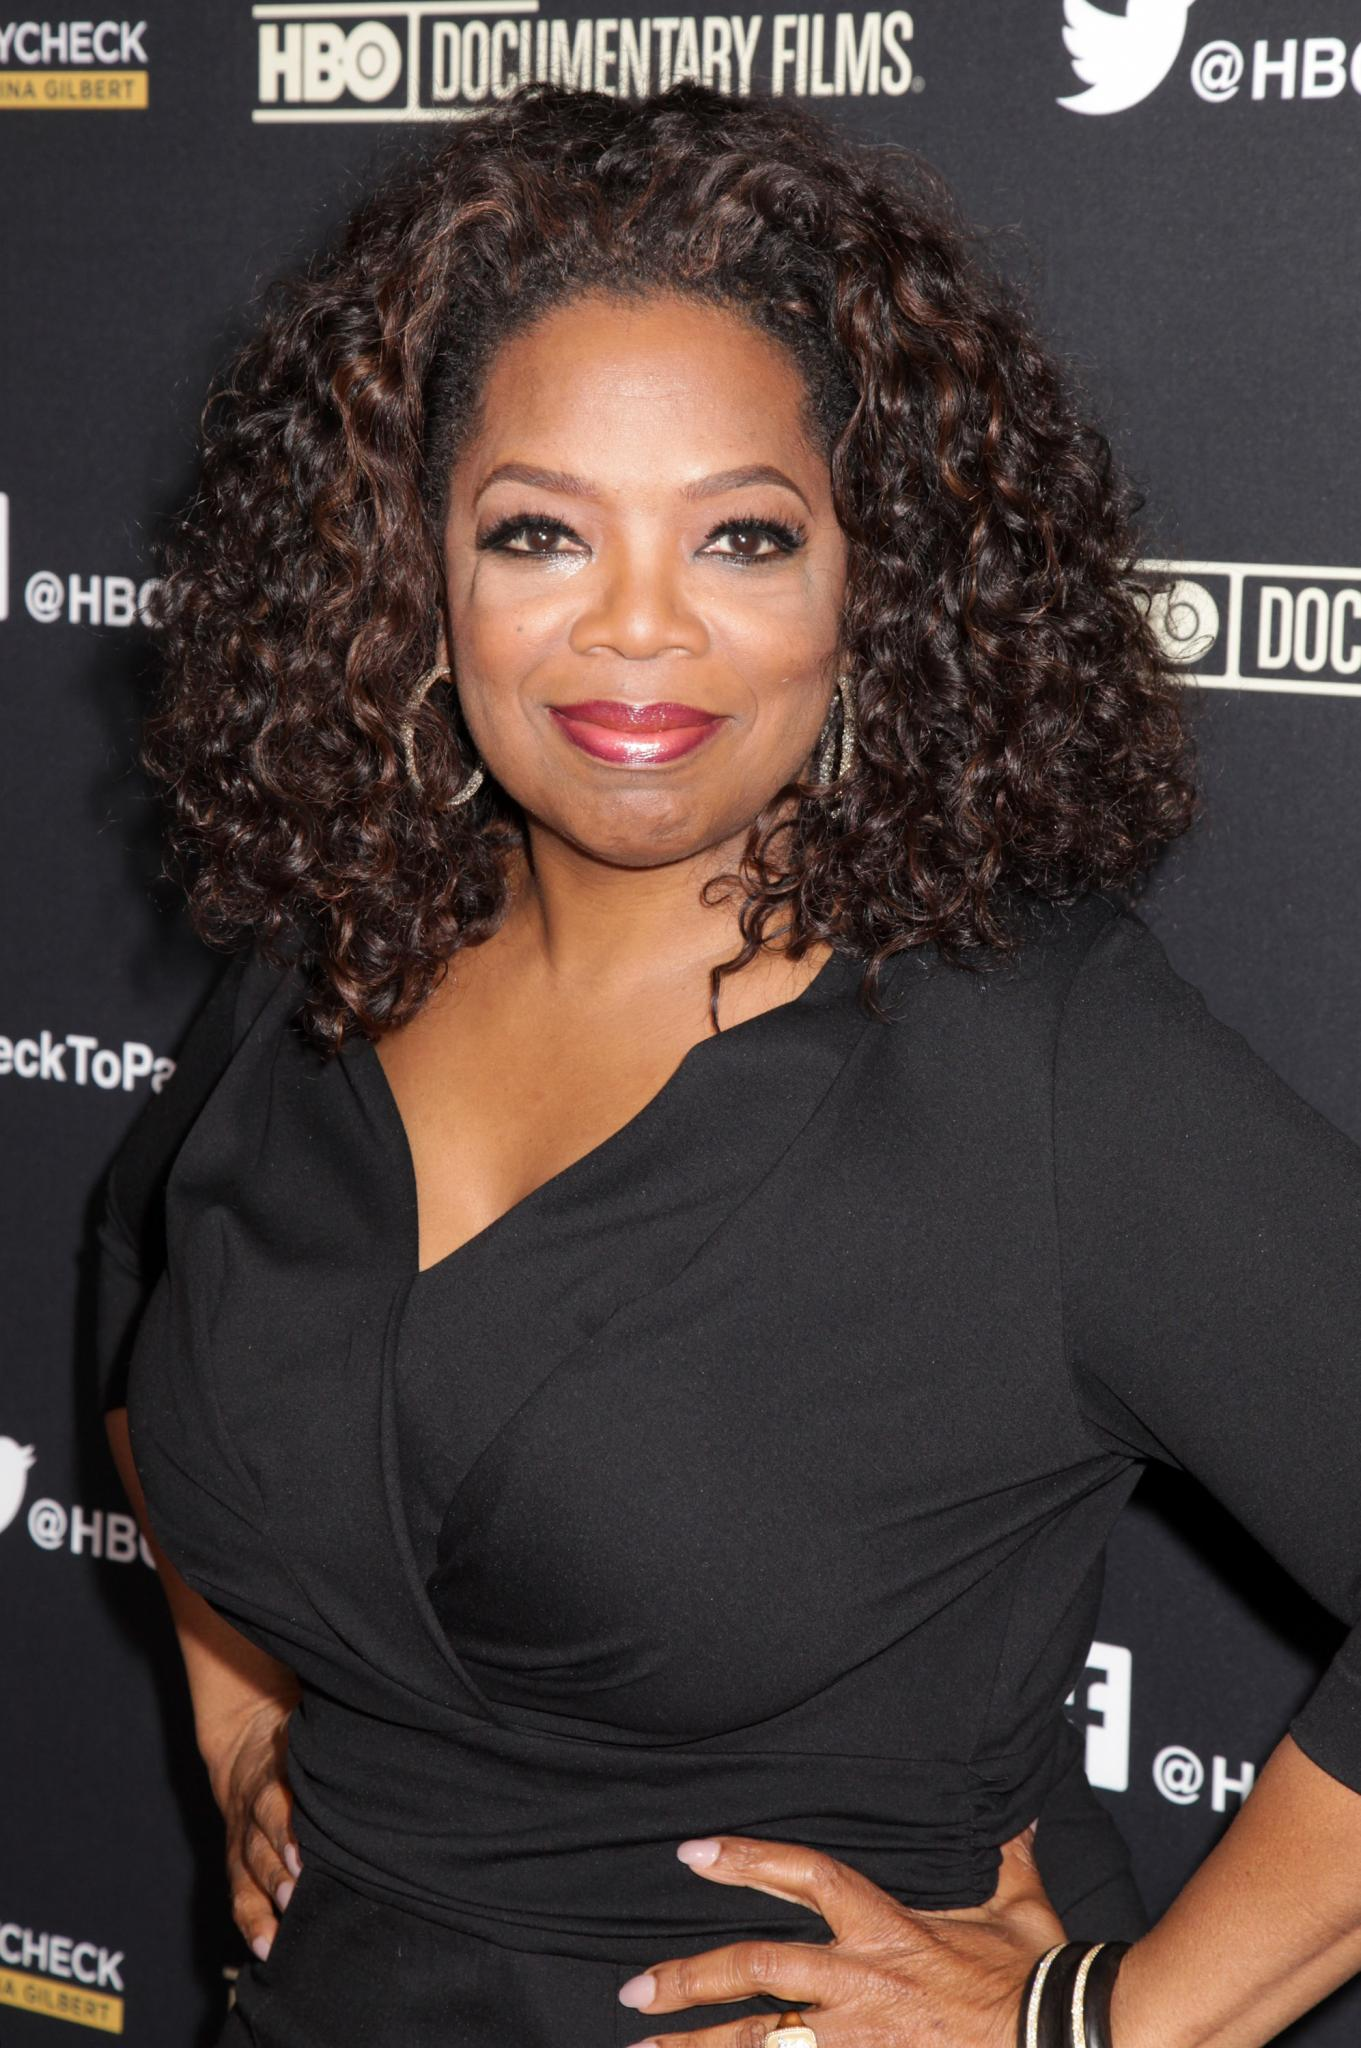 Oprah to Star In Upcoming OWN Drama 'Greenleaf'